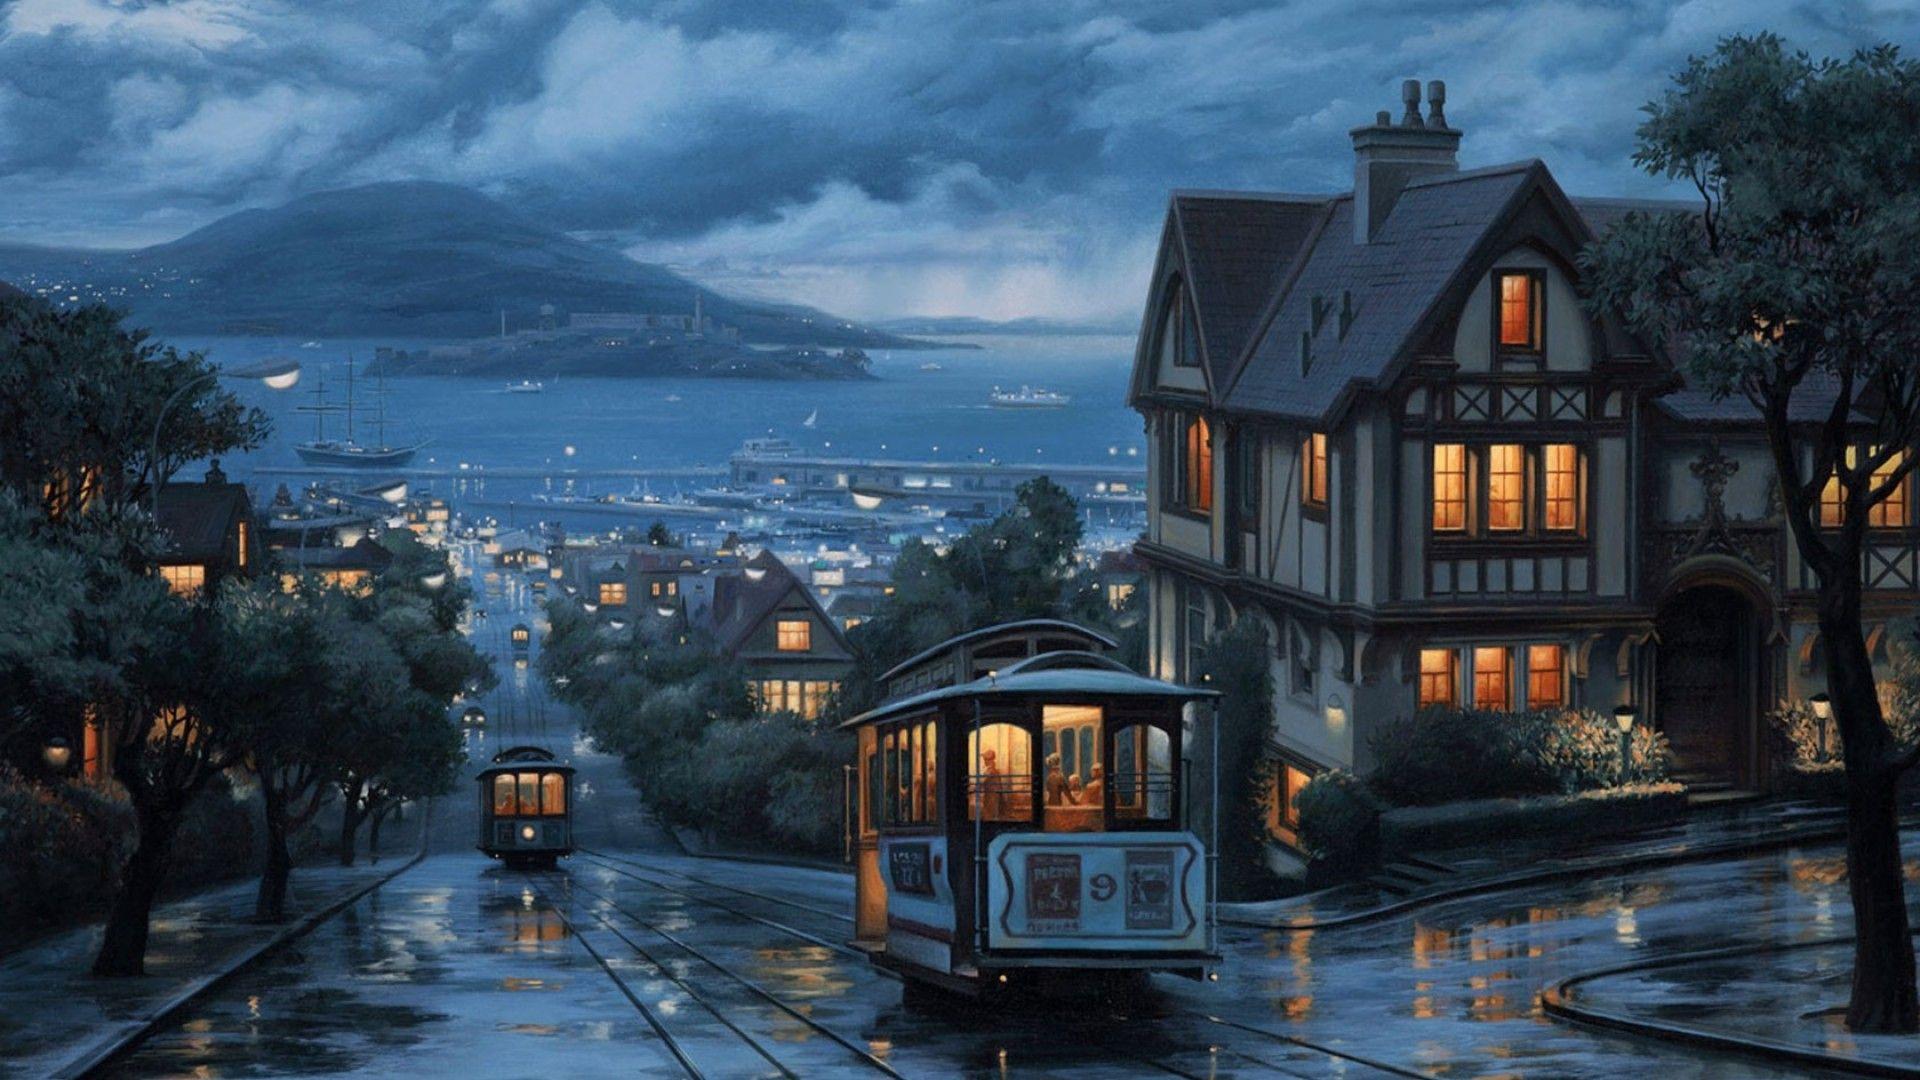 Tranvías De San Francisco Paisajes Lugares Hermosos Lugares Increibles